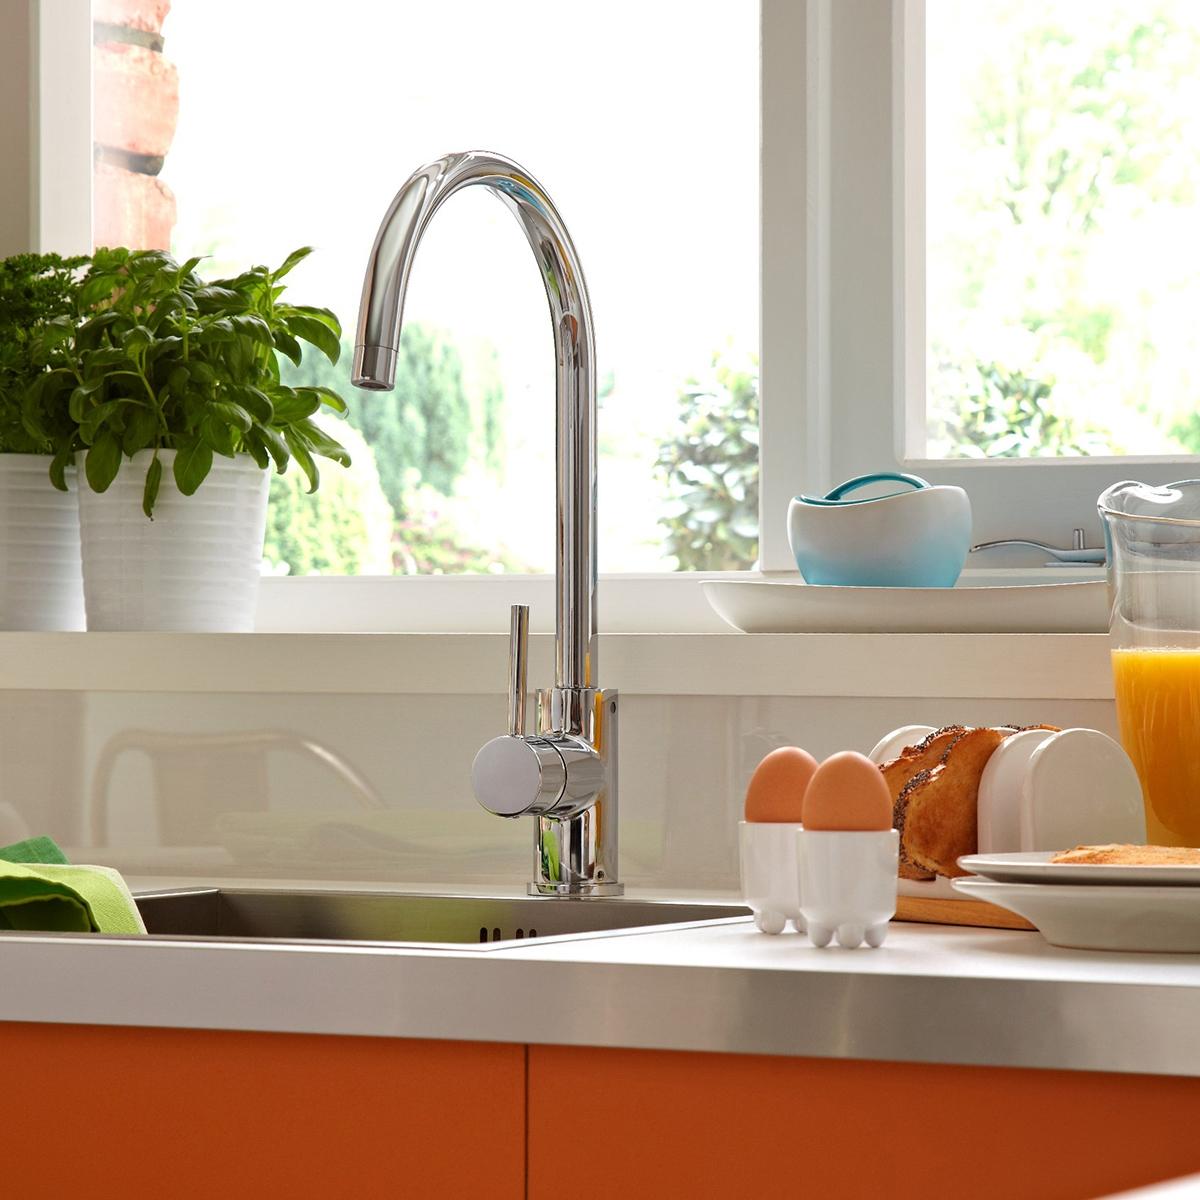 Bristan Pistachio Kitchen Sink Mixer Tap Single Handle - Chrome